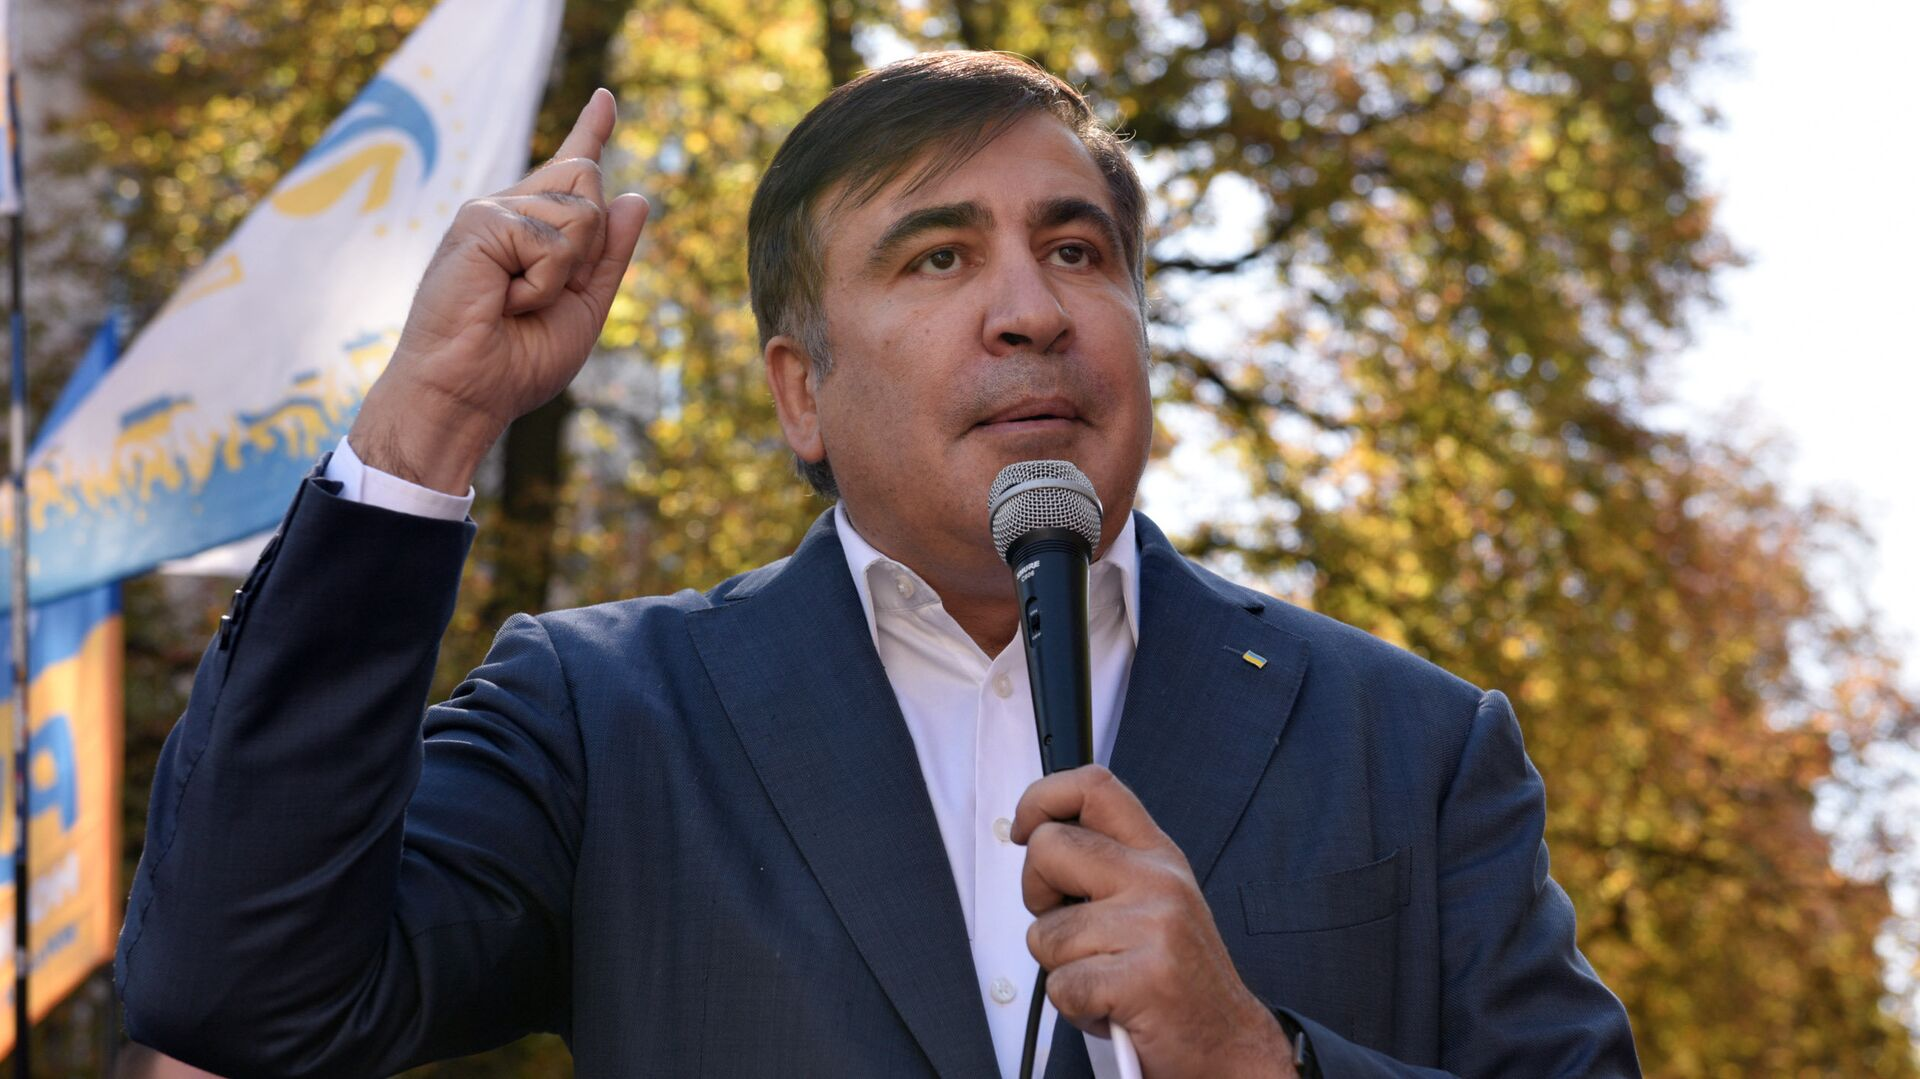 Бывший президент Грузии, экс-губернатор Одесской области Михаил Саакашвили во время выступления в Киеве - Sputnik Грузия, 1920, 05.10.2021